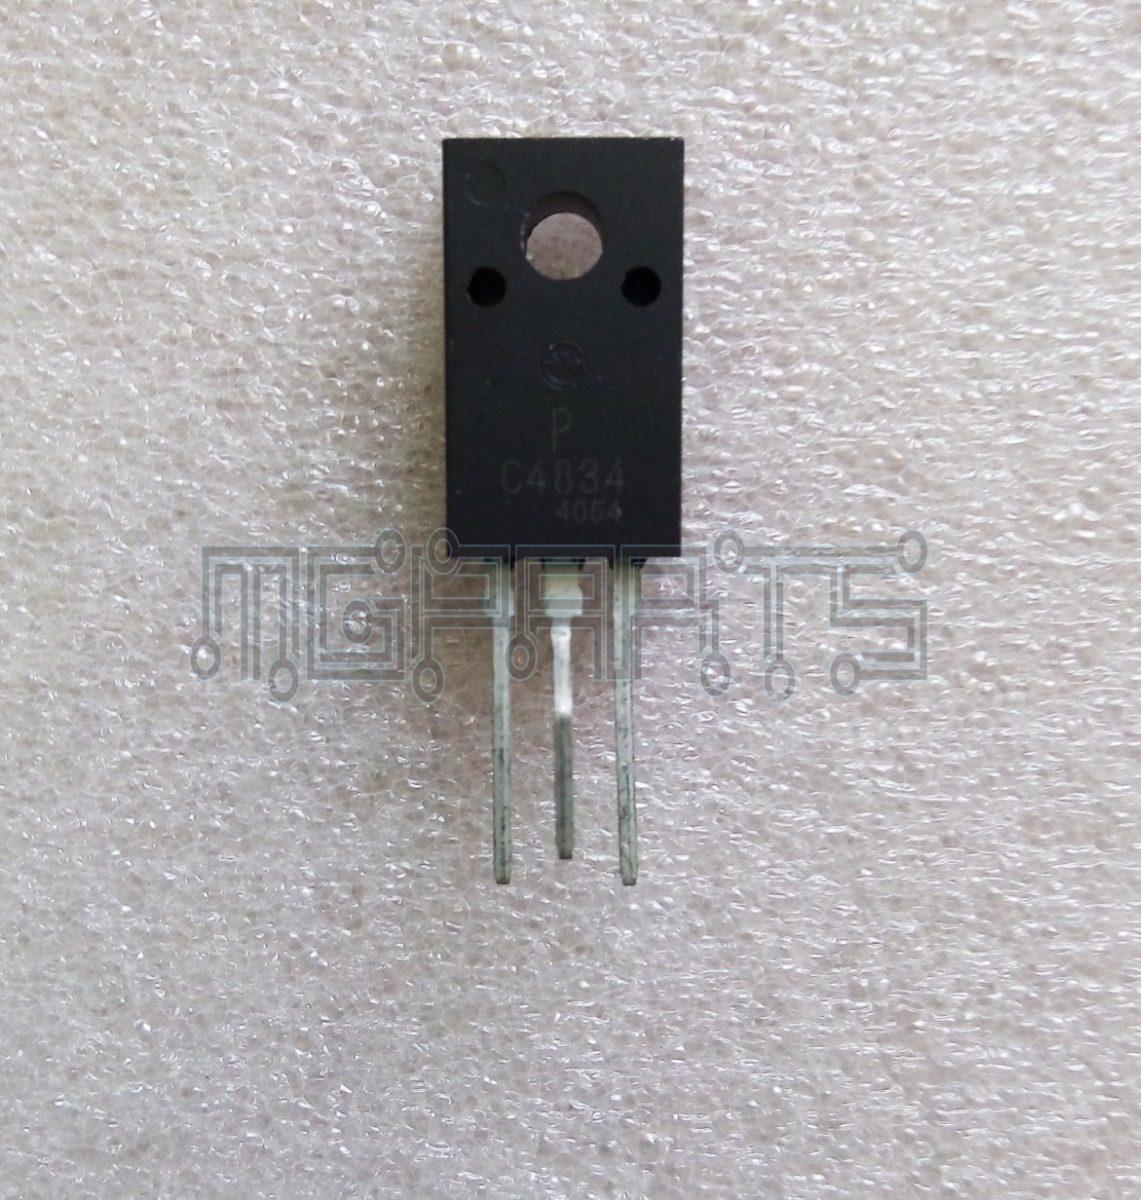 2sc4834 2sc4834p C4834 Power Transistor 8a 500v Cb 29136